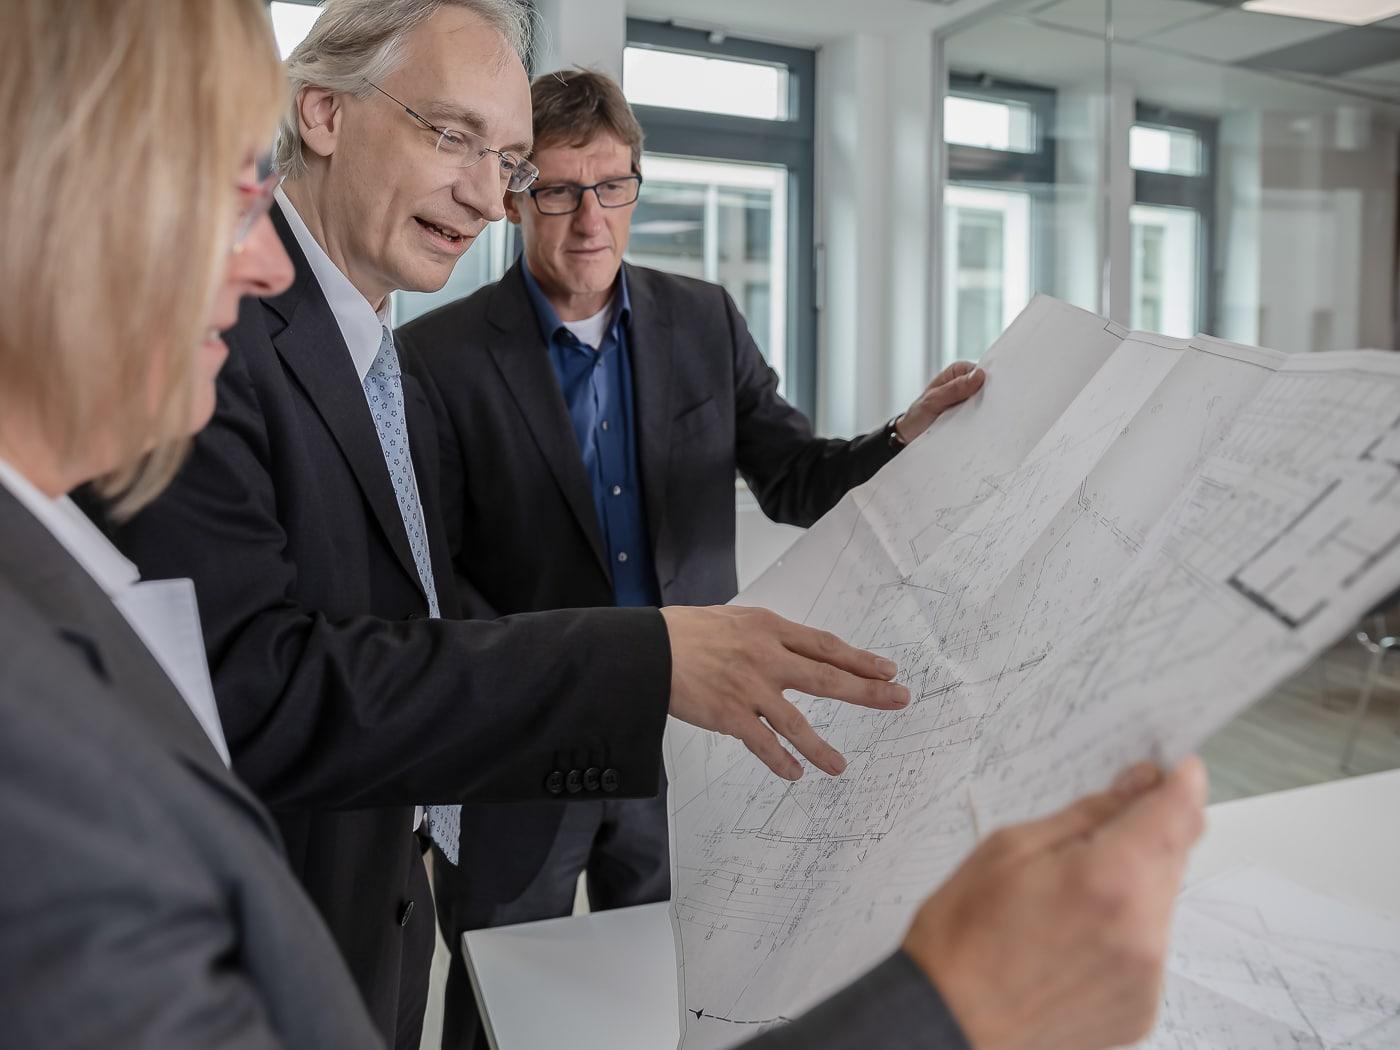 Businessfotografie Jens Braune Herr Eimermacher